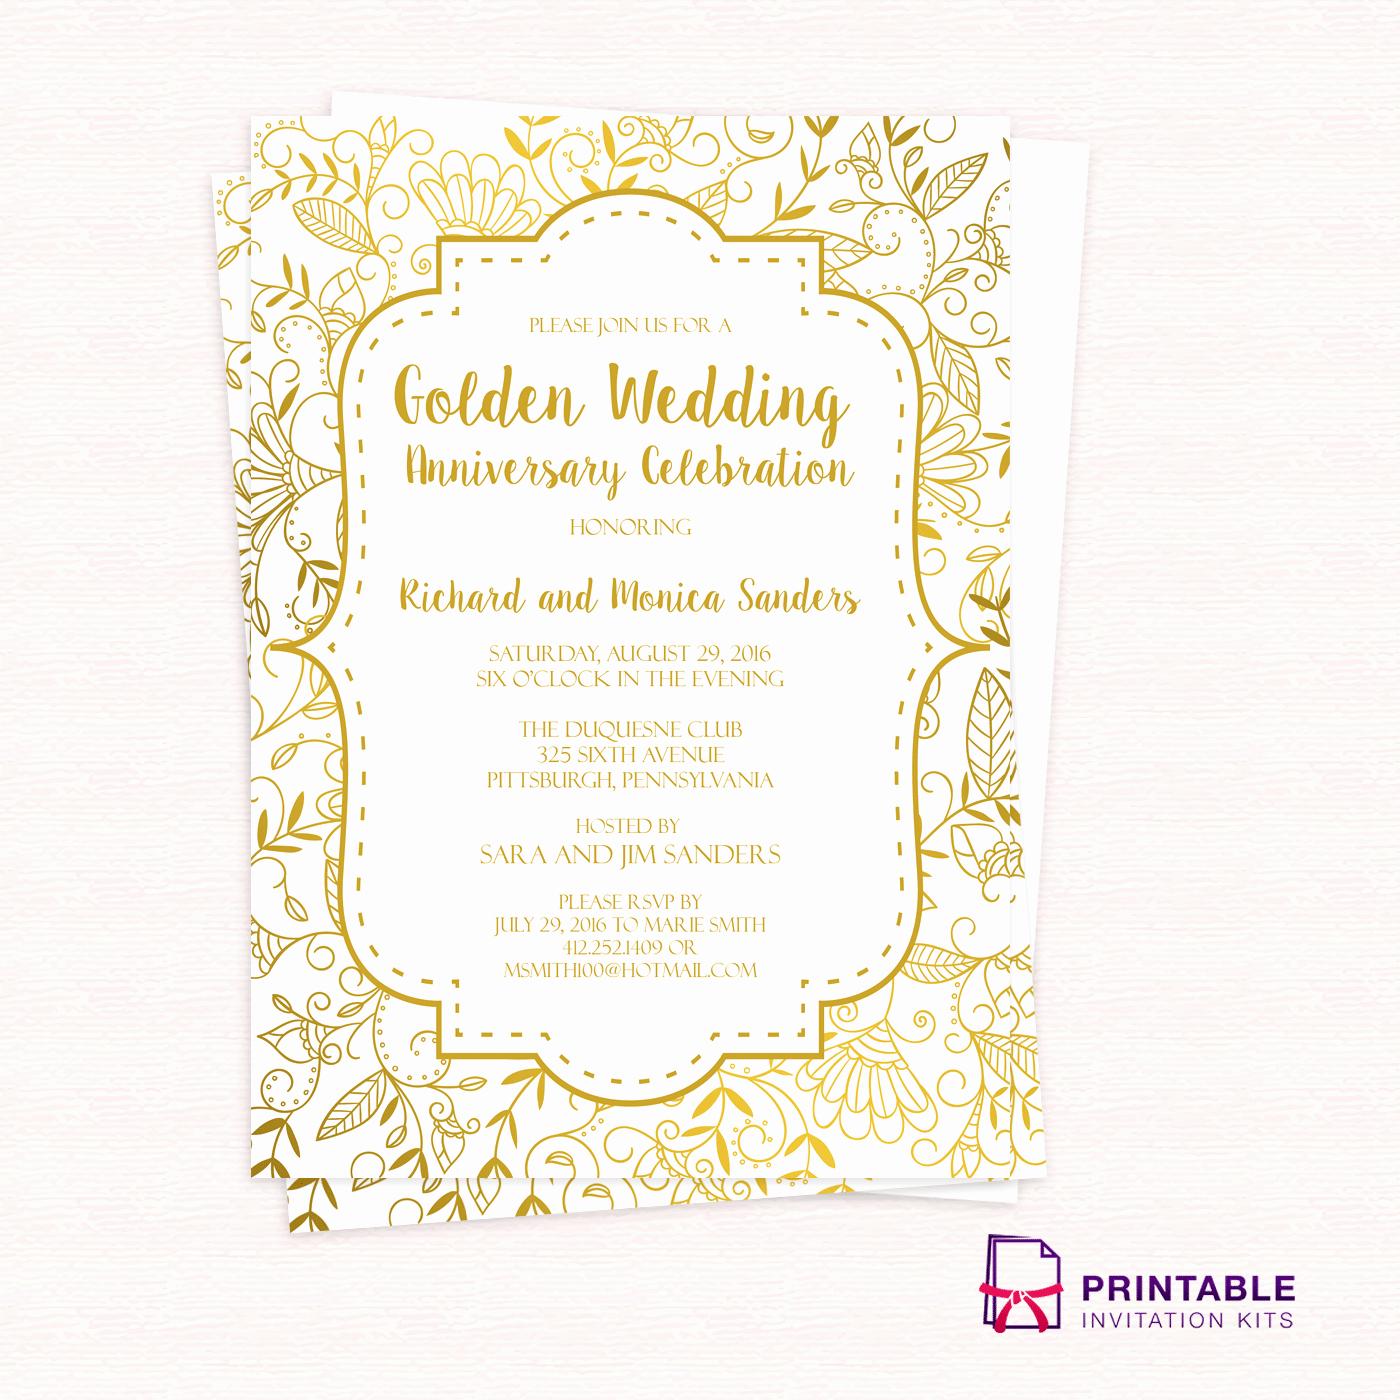 50th Anniversary Invitations Templates Unique Golden Wedding Anniversary Invitation Template ← Wedding